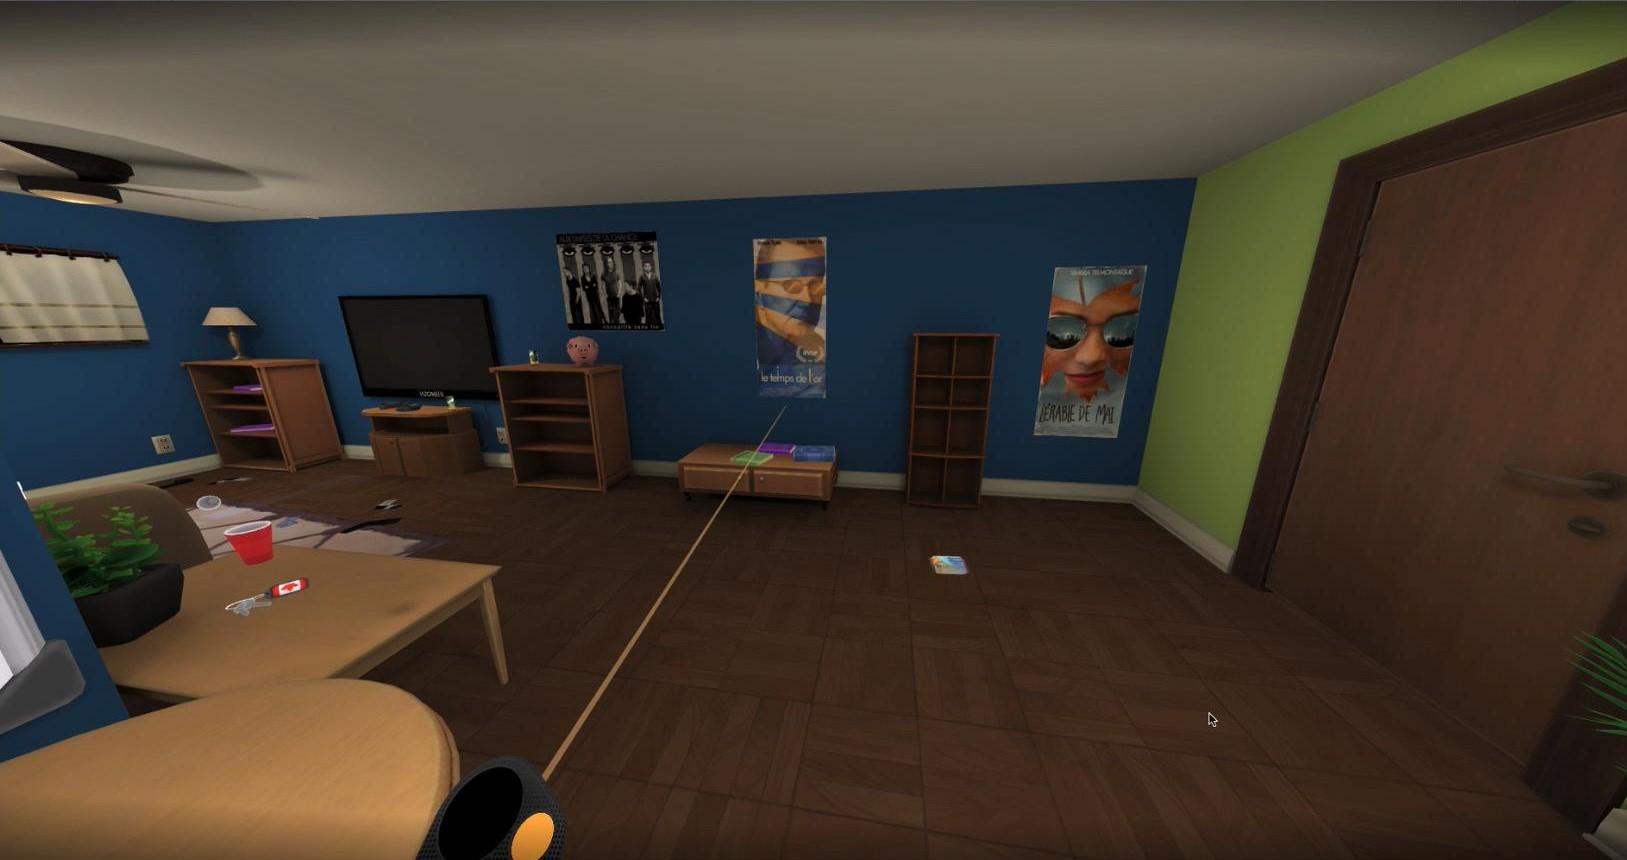 Une image de l'expérience de réalité virtuelle